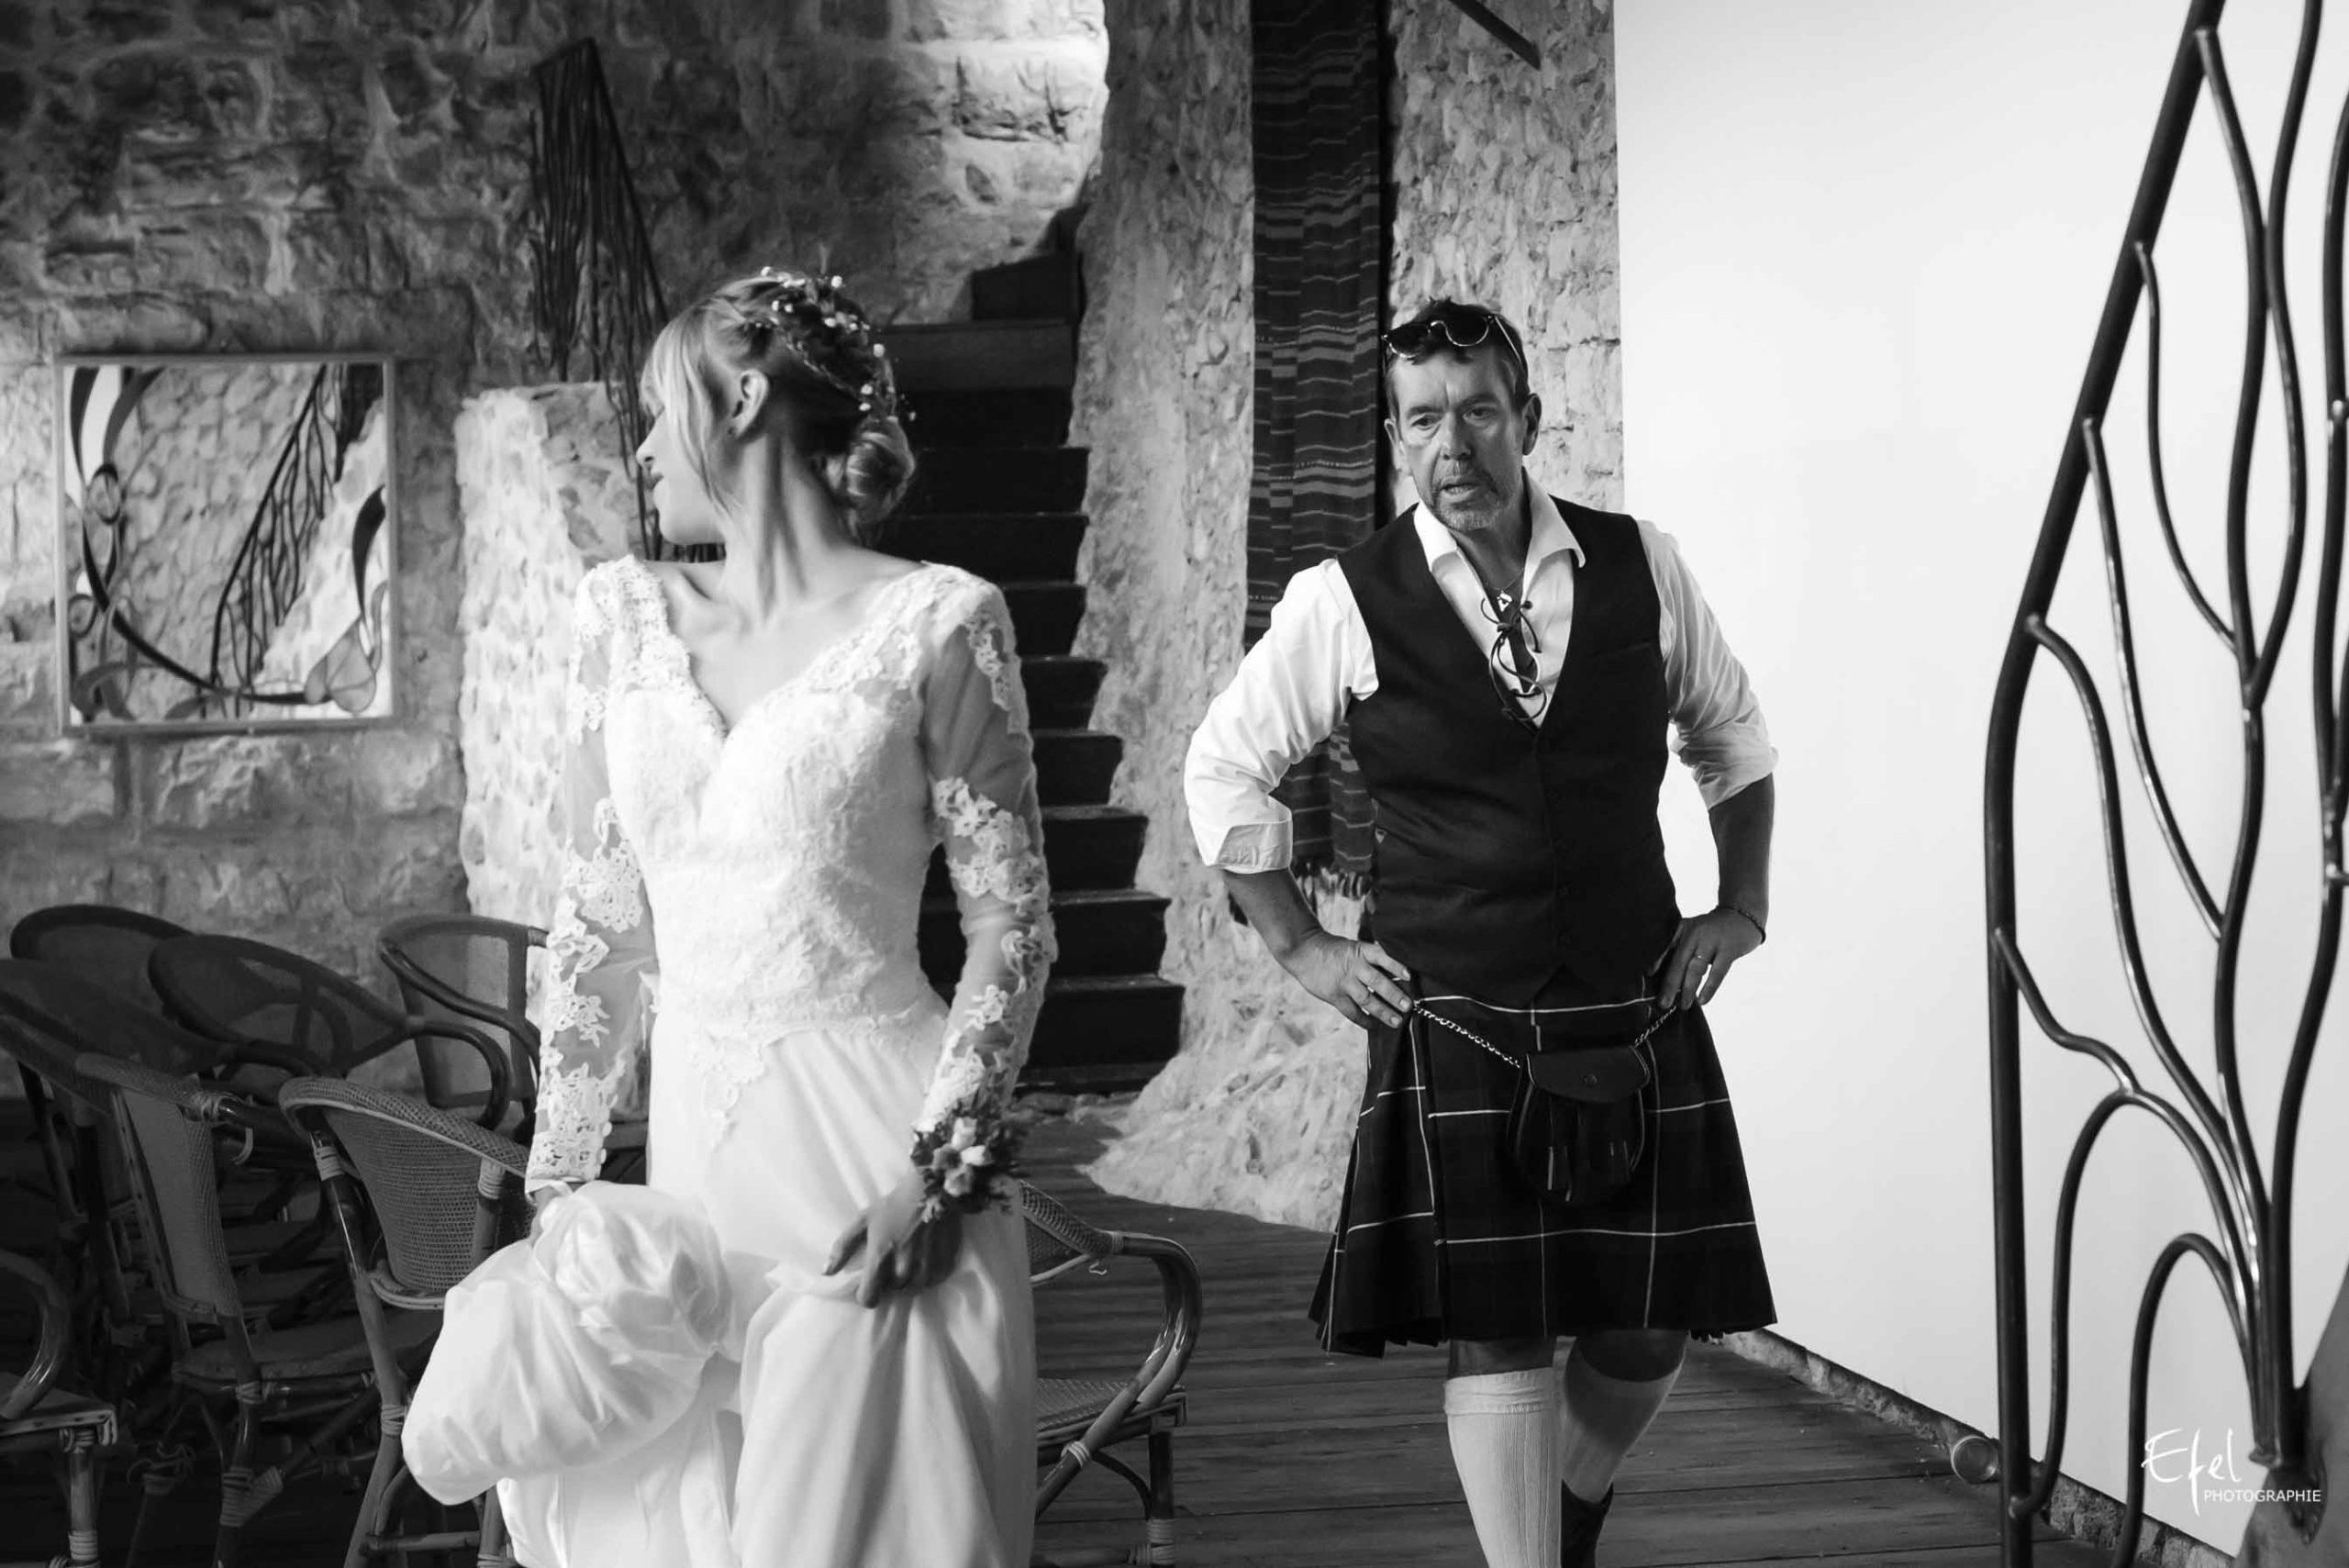 Le père de la mariée découvre sa fille en robe de mariage - mariage original en kilt à entrevaux